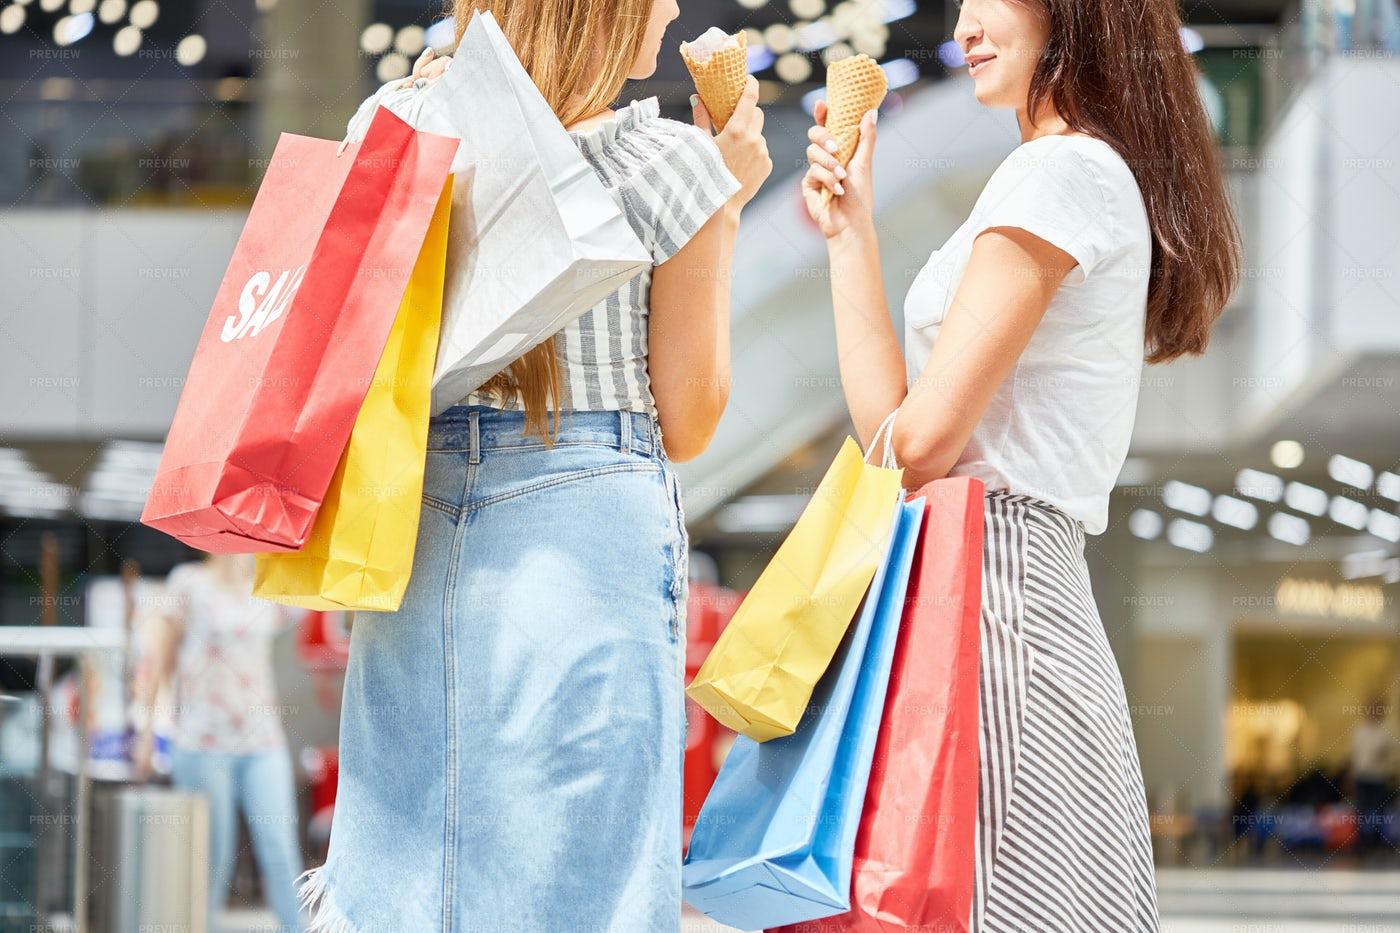 Young Women In Shopping Center: Stock Photos